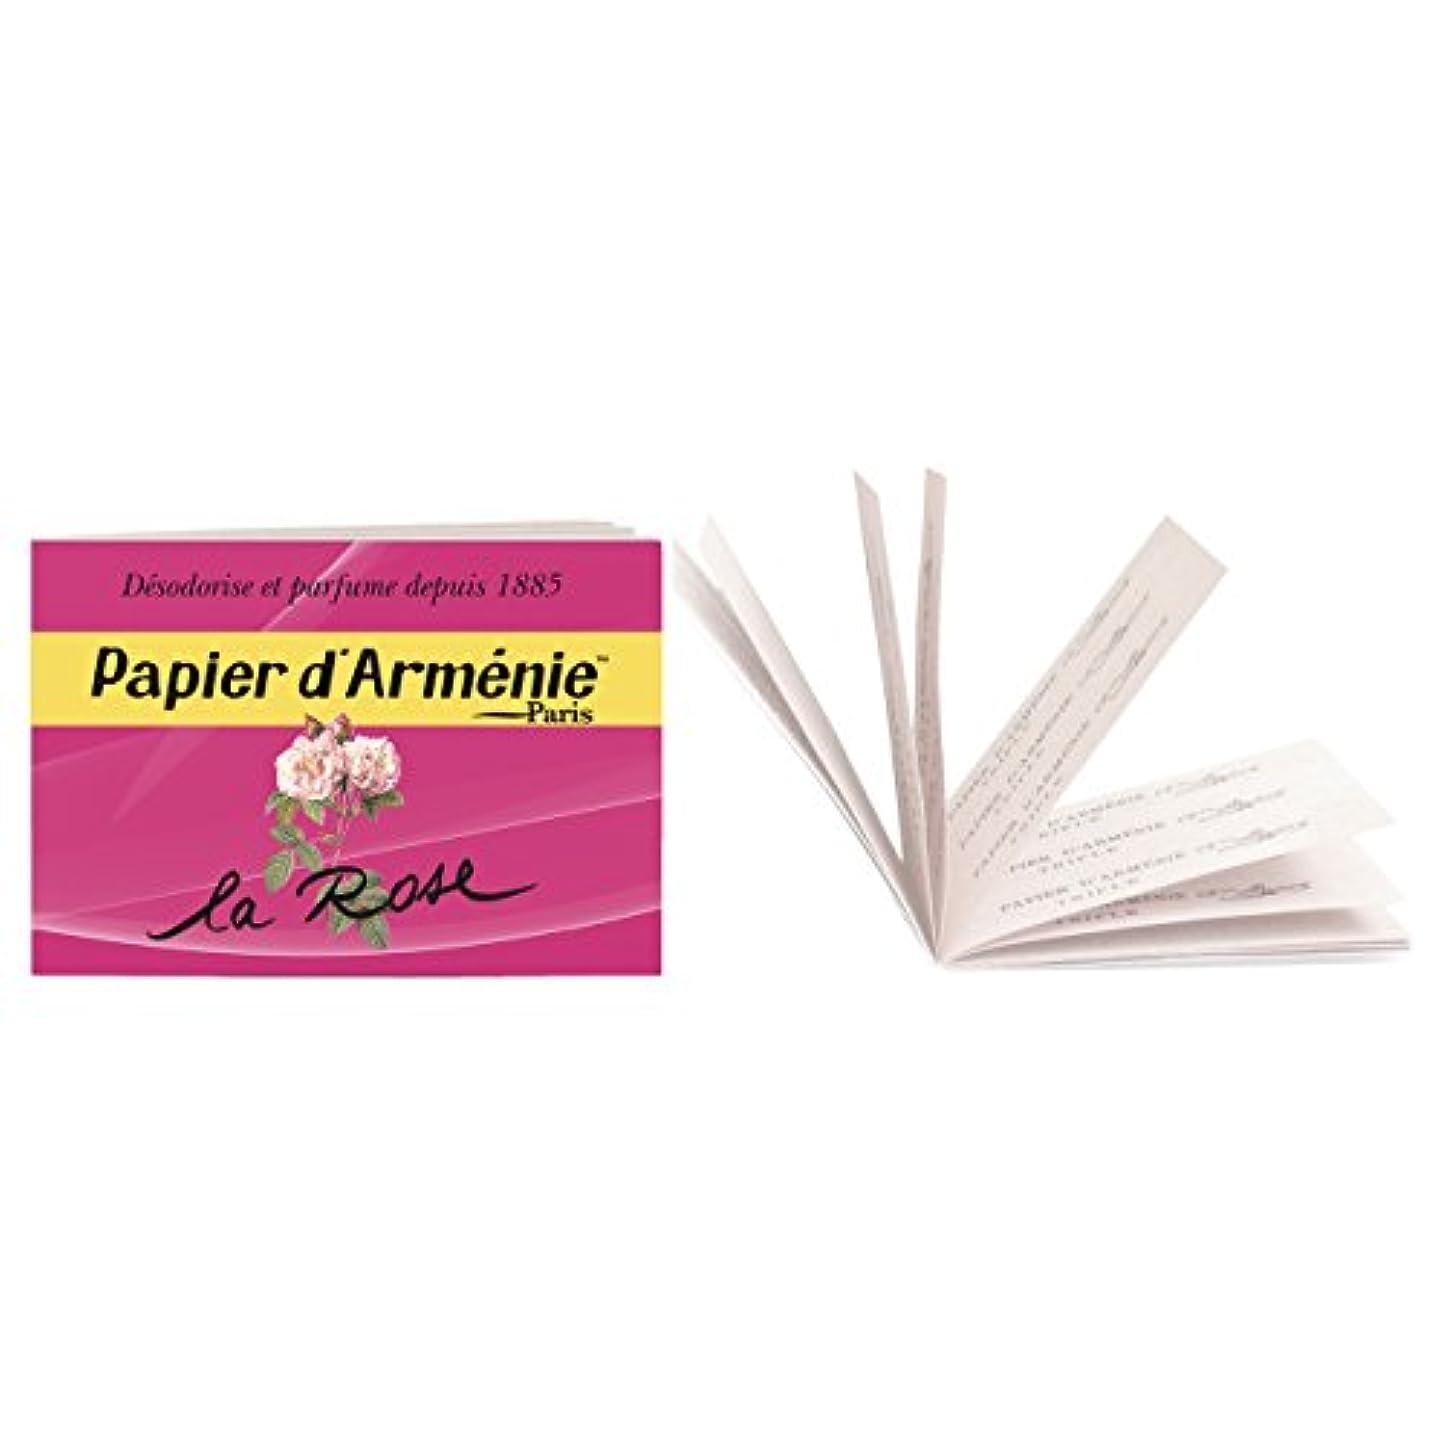 上名前を作るビジネスパピエダルメニイ トリプル ローズ (紙のお香 3×12枚/36回分)